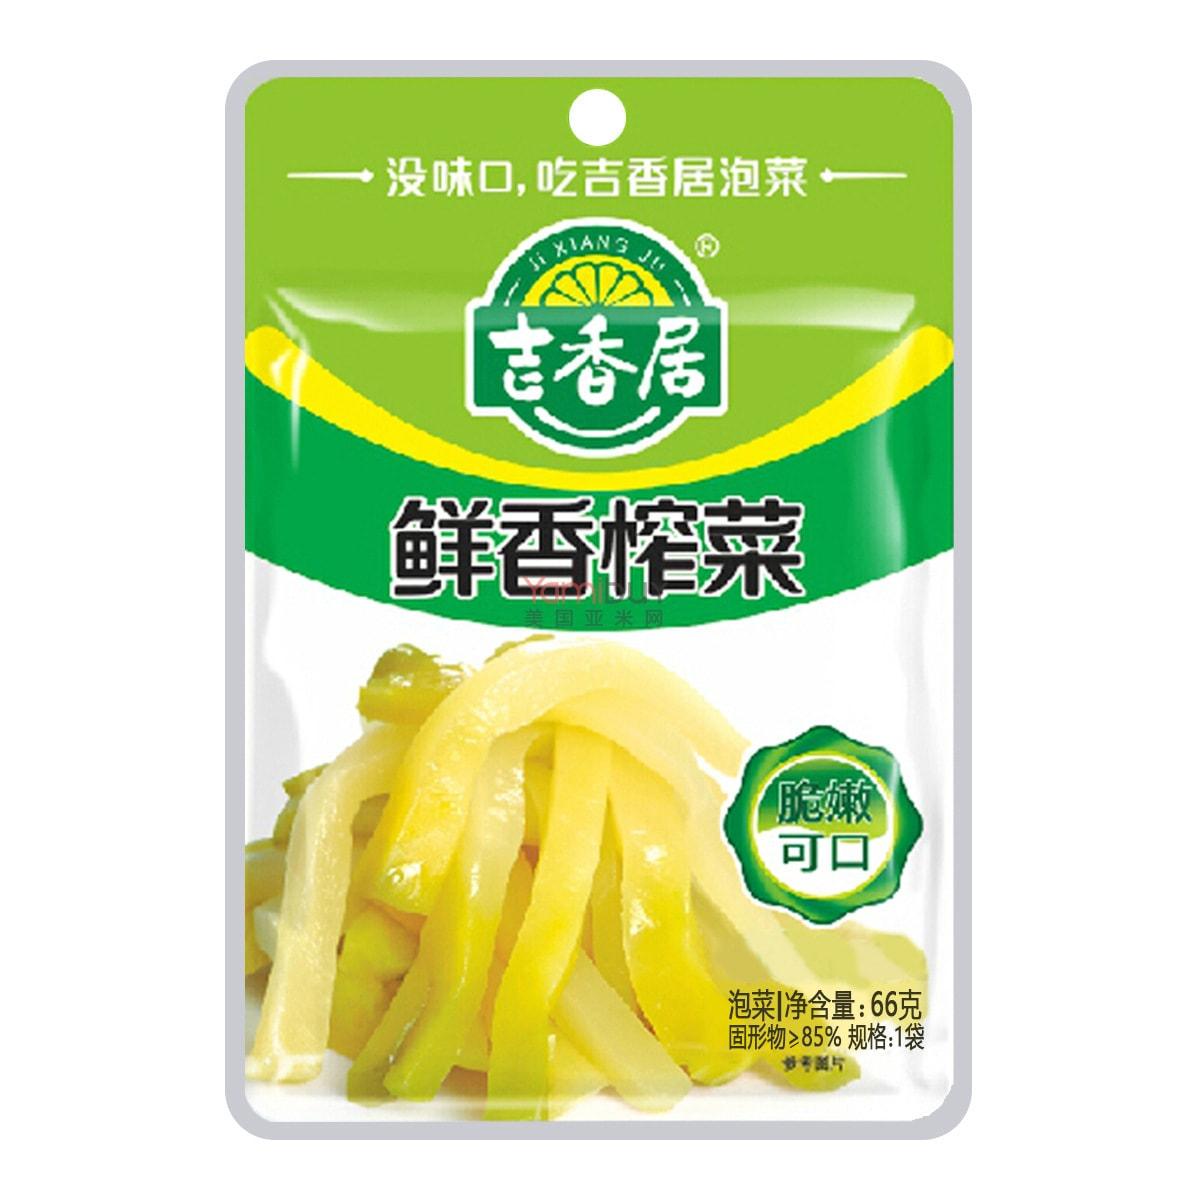 吉香居 即食小菜 鲜香榨菜 66g